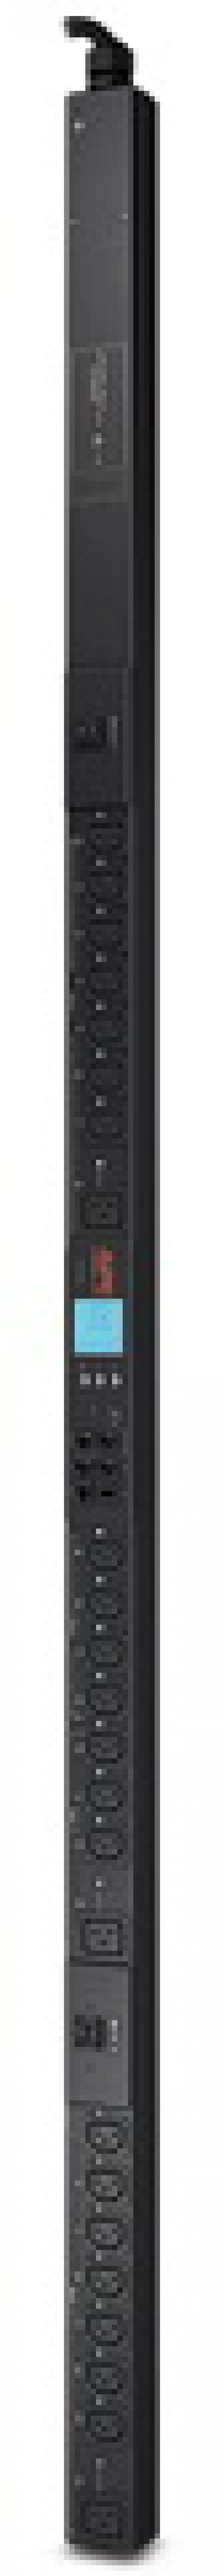 Блок распределения питания APC Rack PDU 2G Switched ZeroU 32A 230V 21хC13 3хC19 AP8953 apc rack pdu 2g 32a 230v 36xc13 6 c19 ap8853